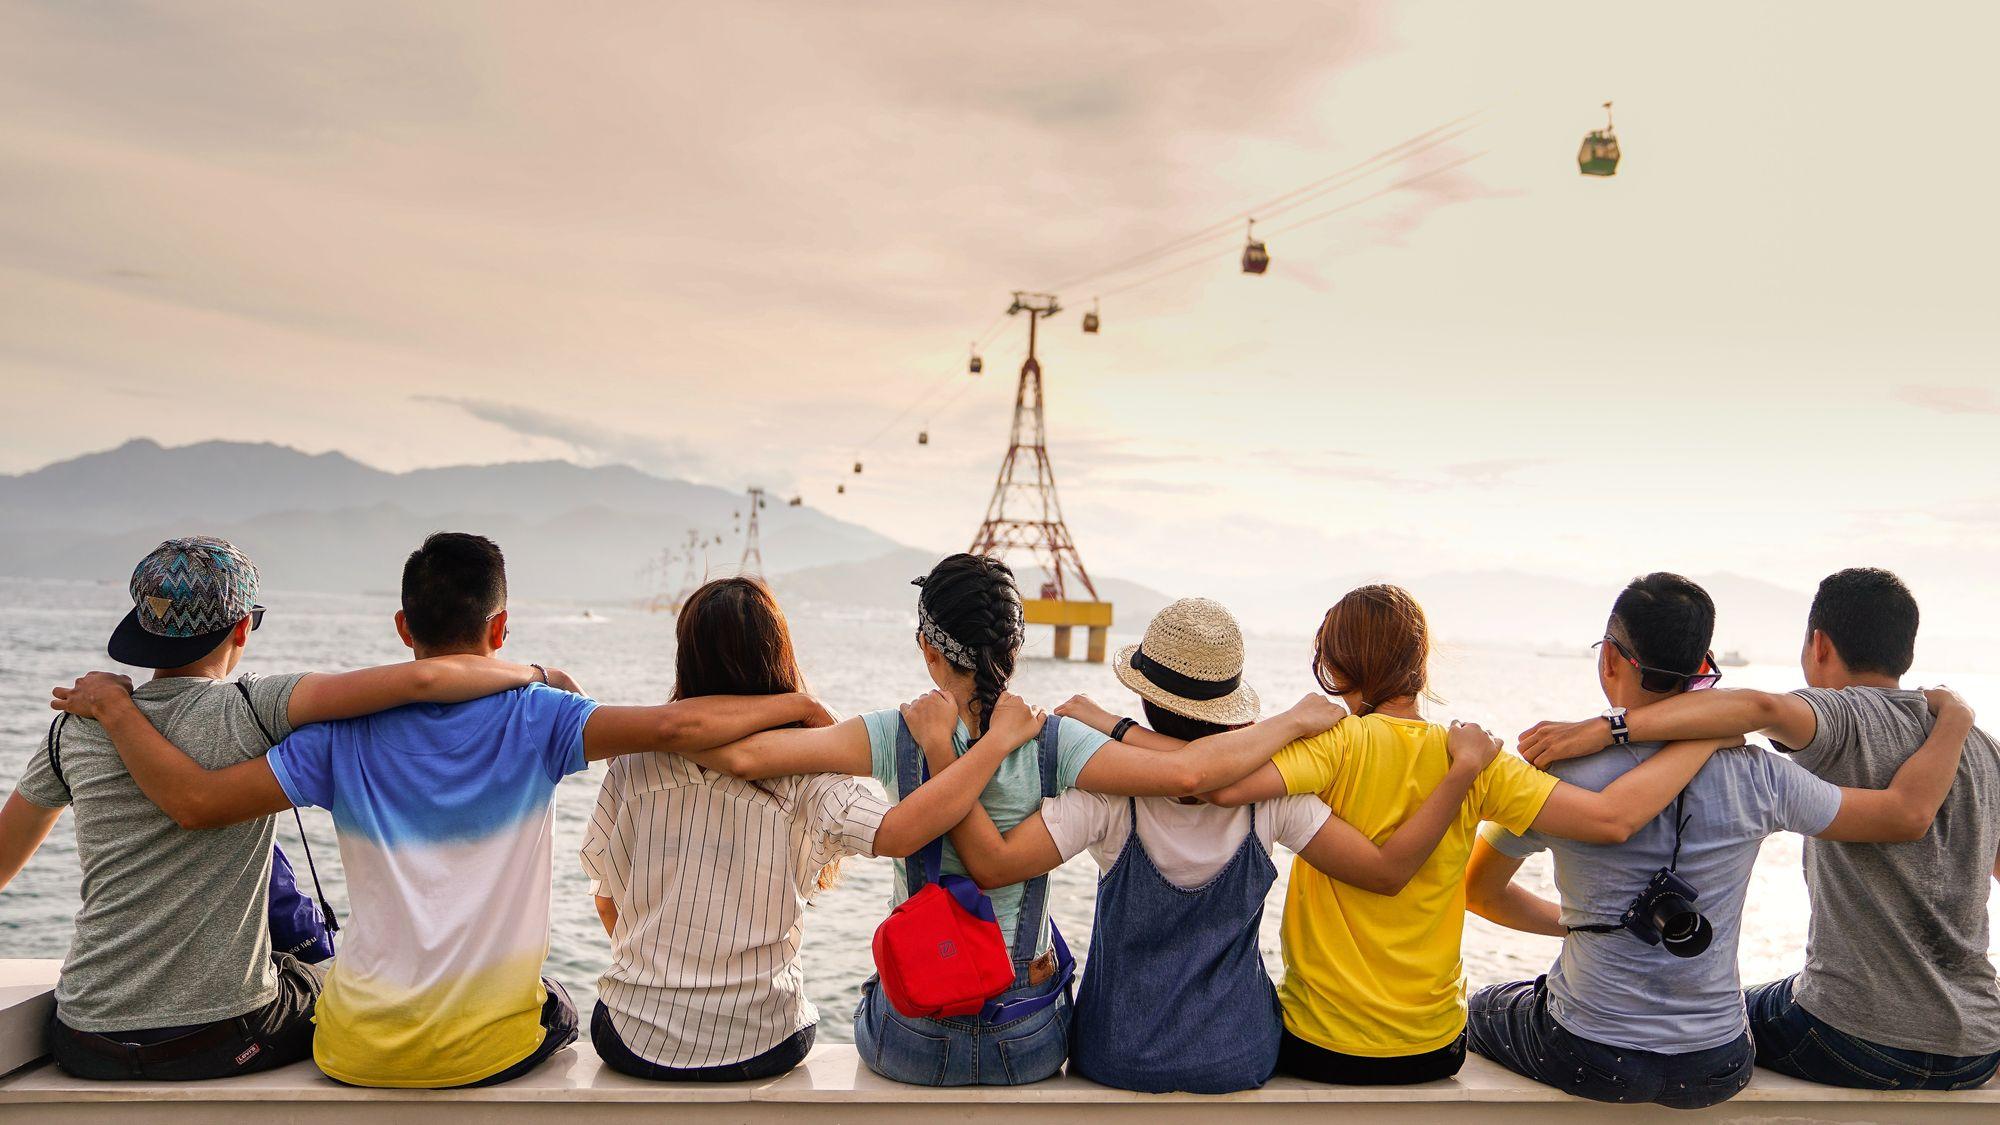 personnes se tenant par les épaules assis sur un mur